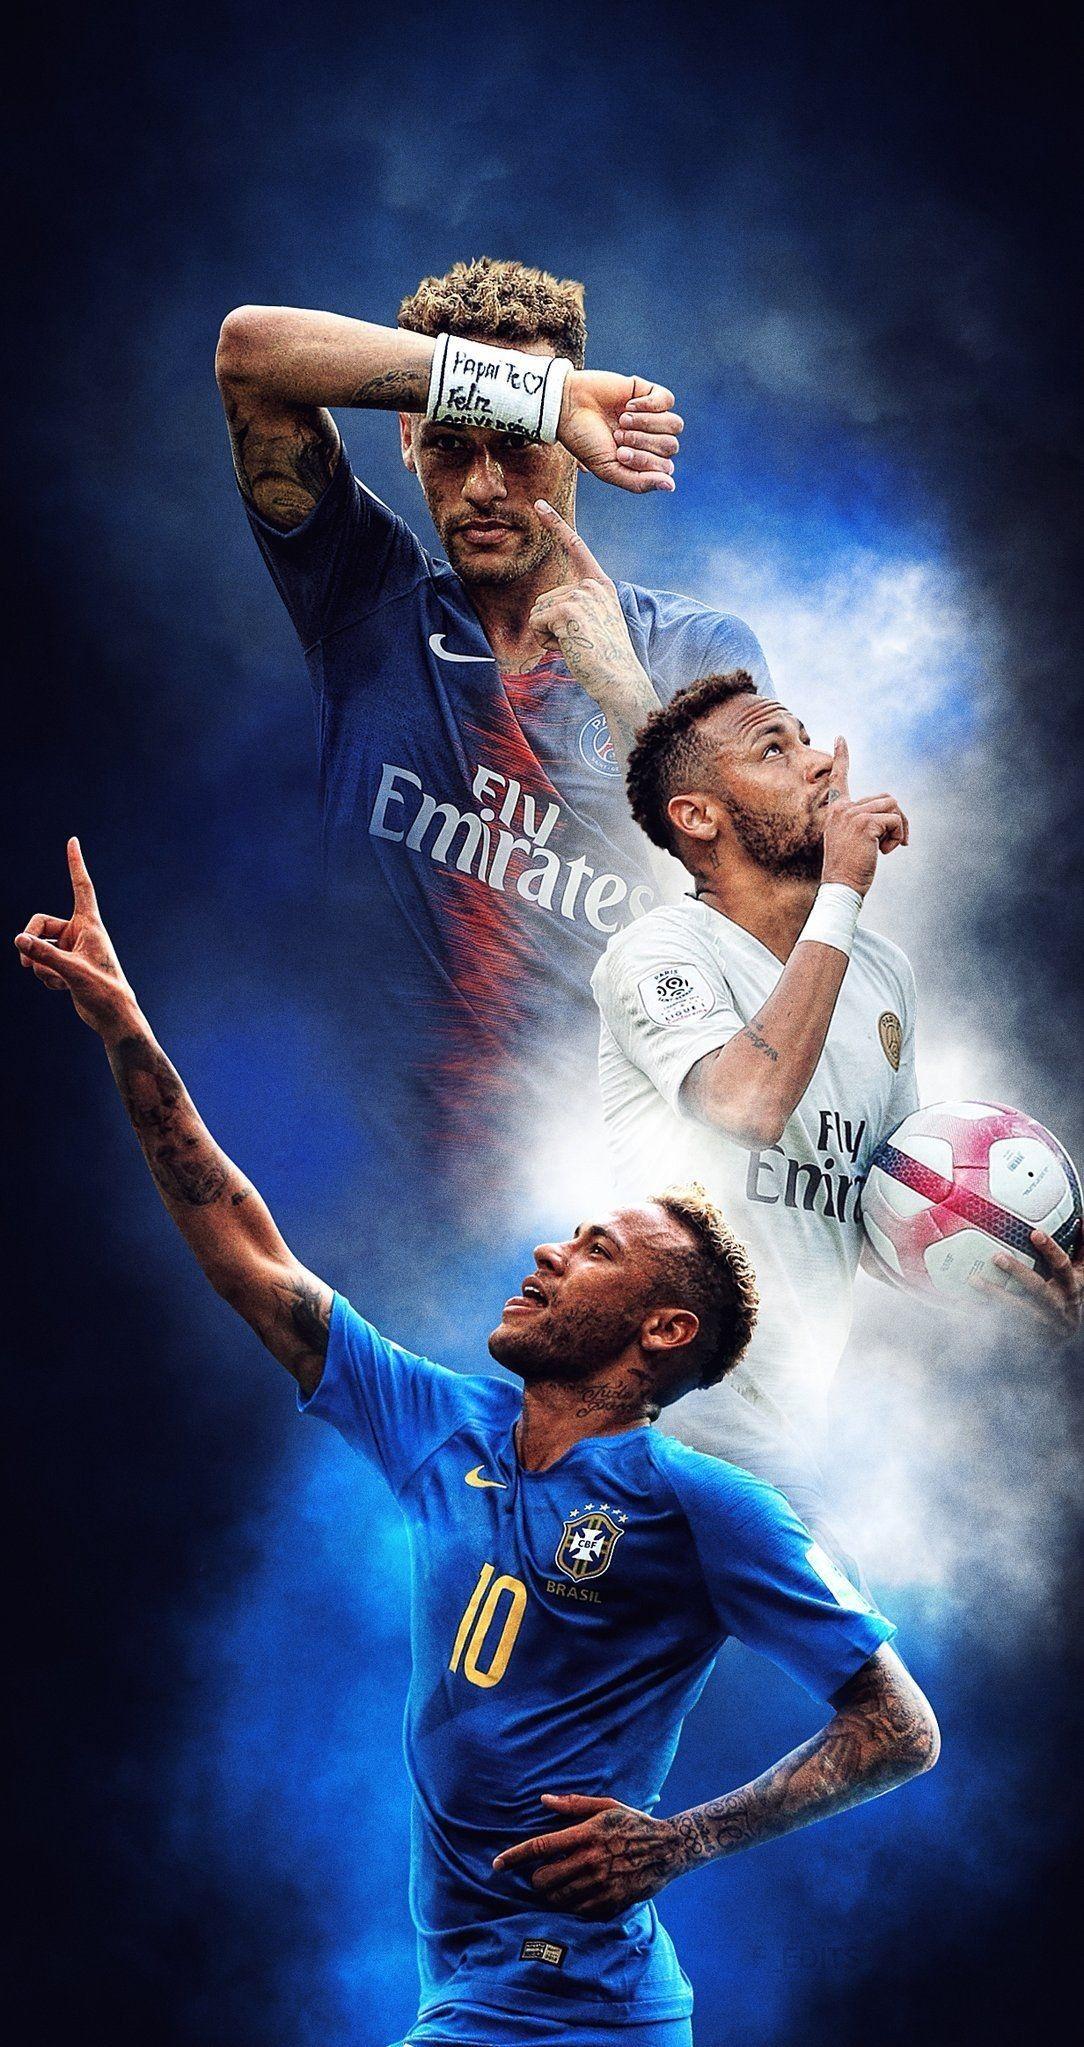 Prince Of Paris サッカー 久保 サッカー かっこいい ネイマール